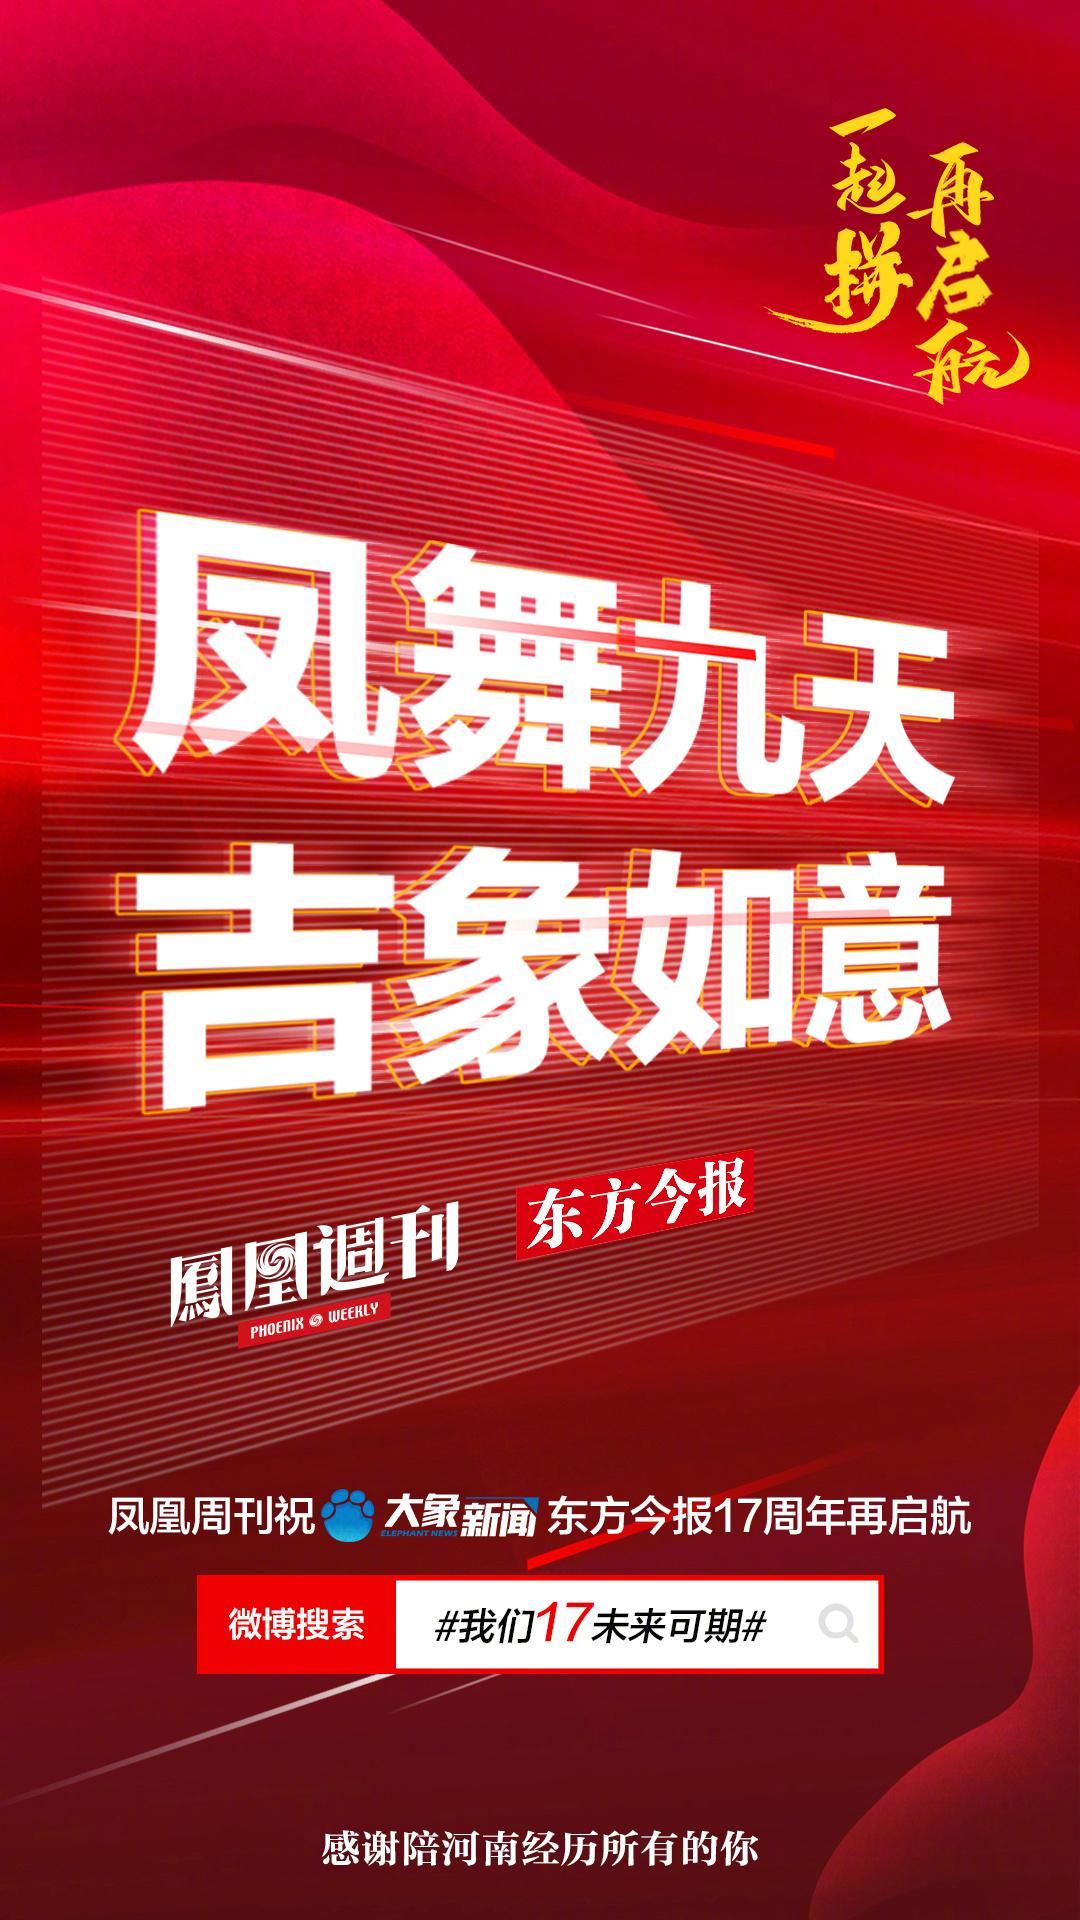 凤舞九天,吉象如意@凤凰周刊 // 凤舞九天,吉象如意……